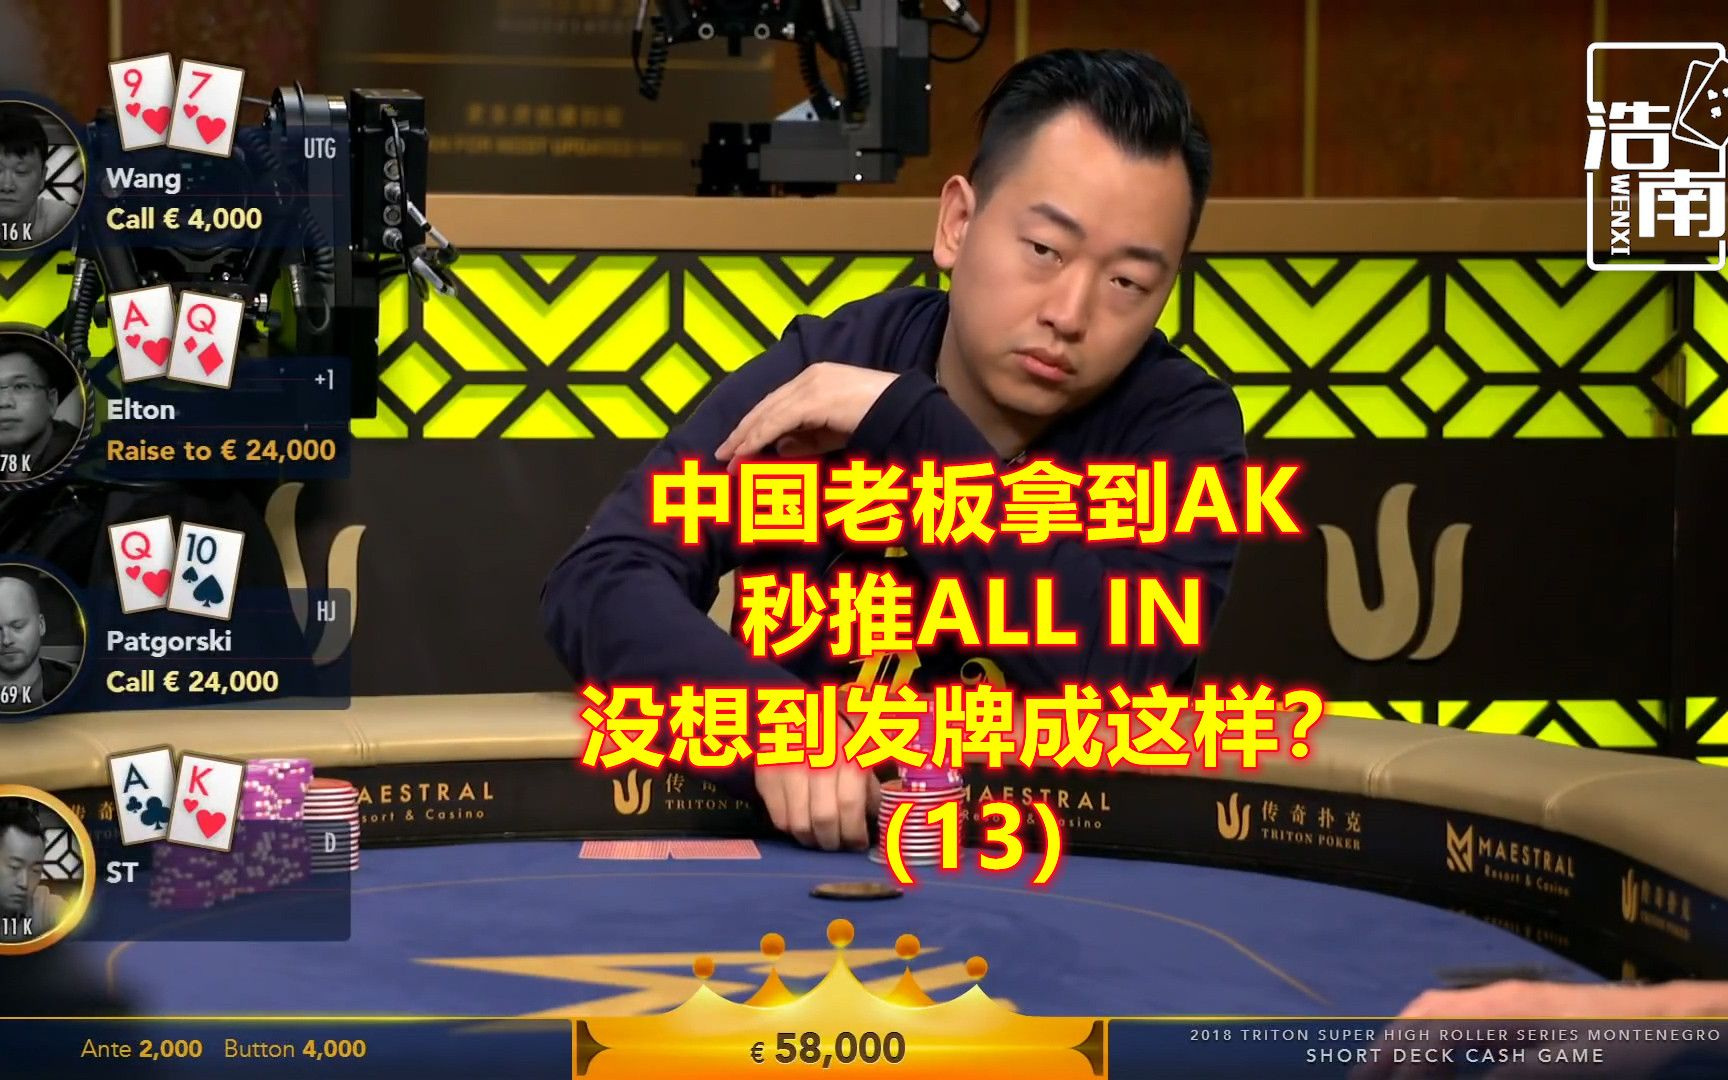 中国老板抓到AK秒推ALL IN,没想到这牌居然发成这样?